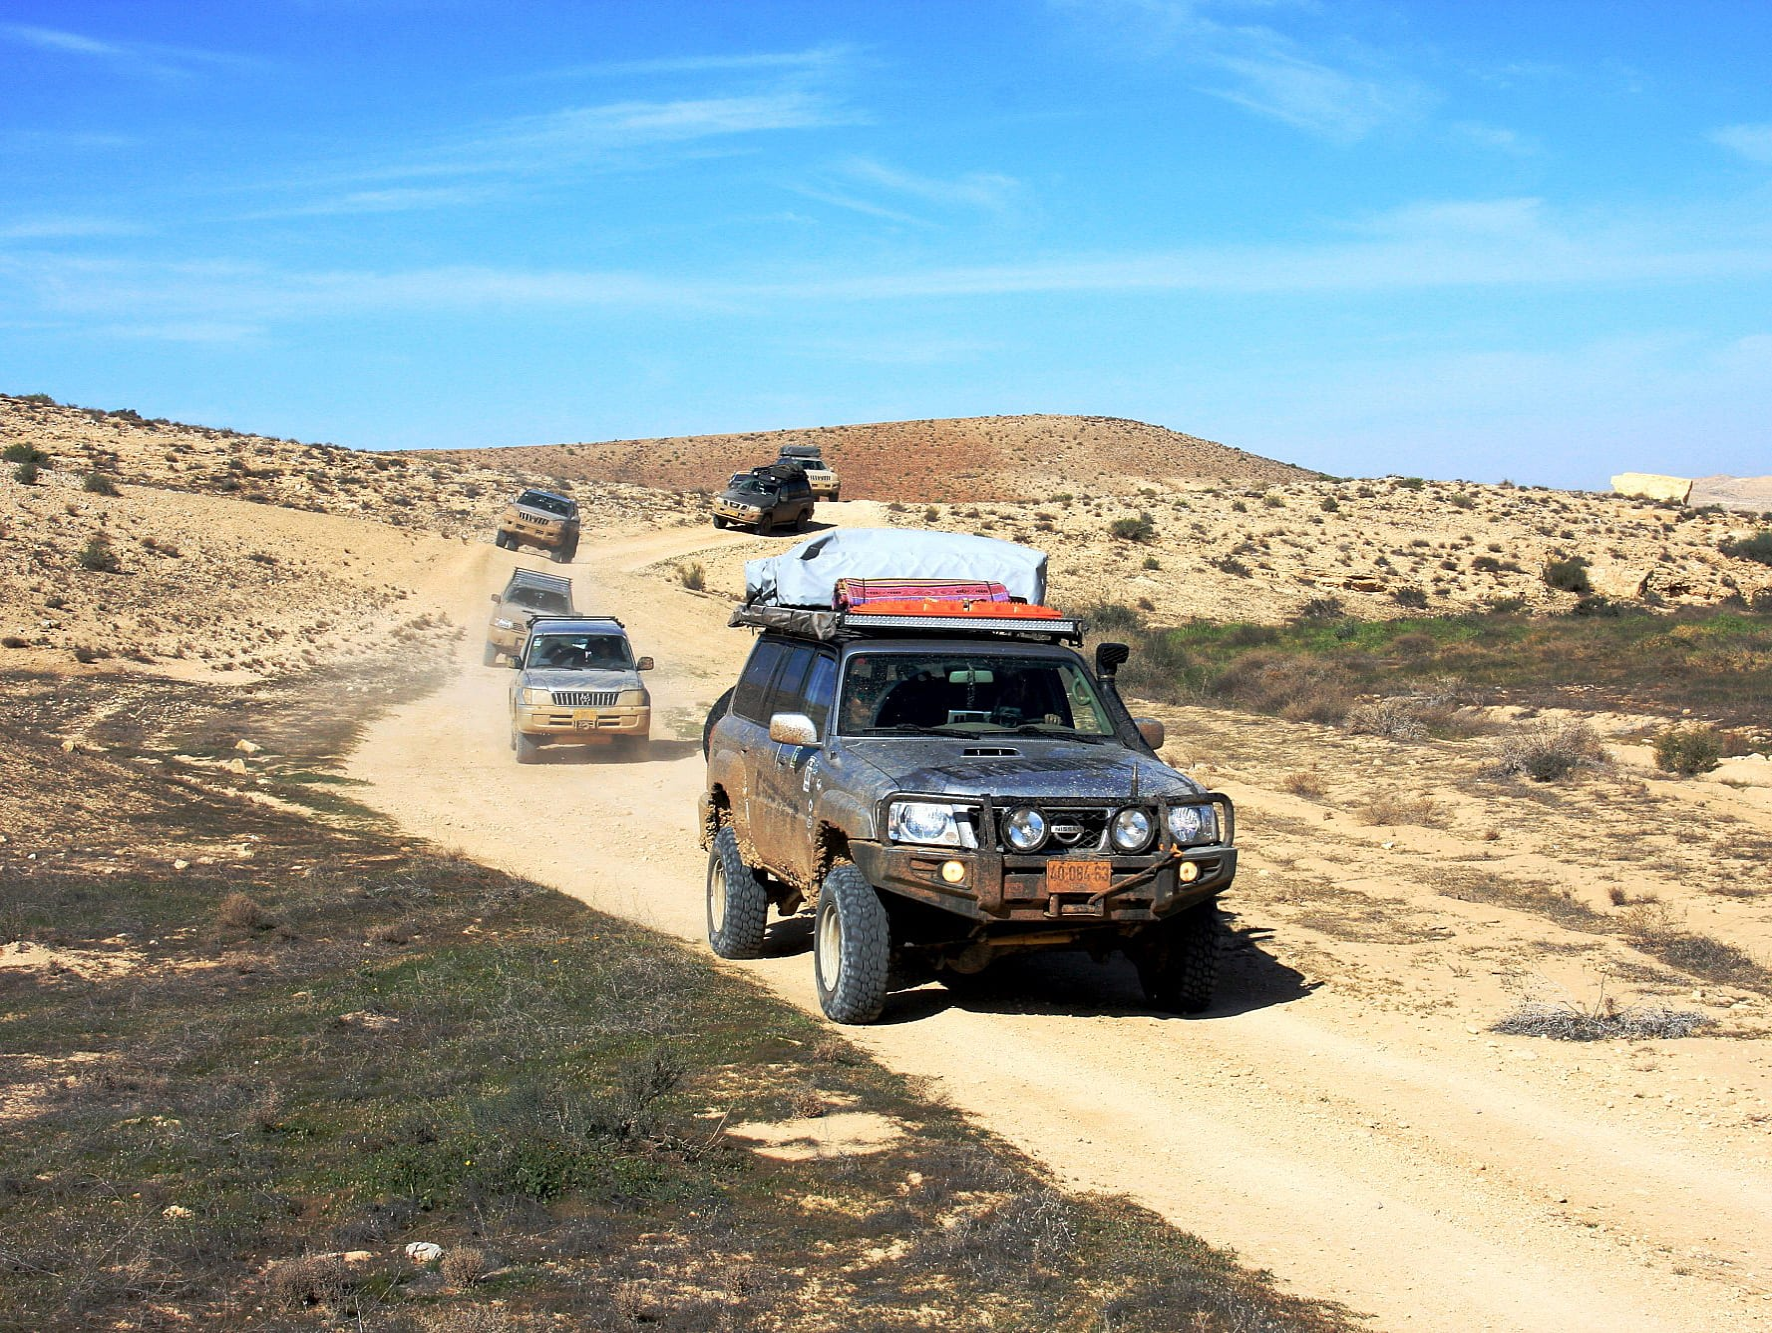 טיול הג'יפים הגדול, ממרבדי הכלניות של לכיש אל הר חמרן